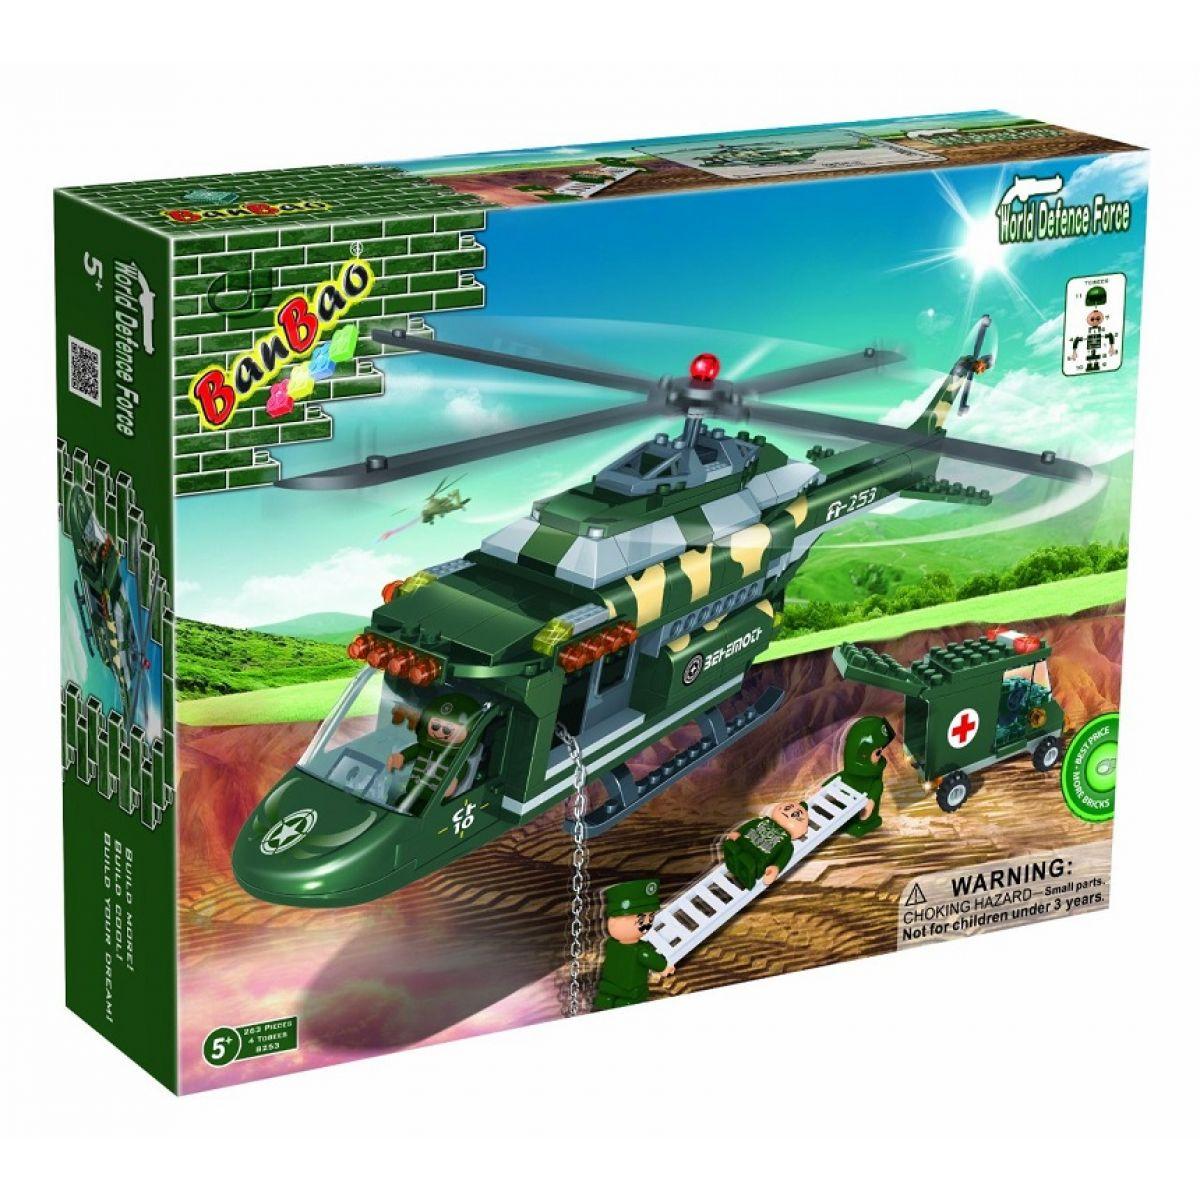 Banbao Armáda 8253 Vrtulník záchranářský